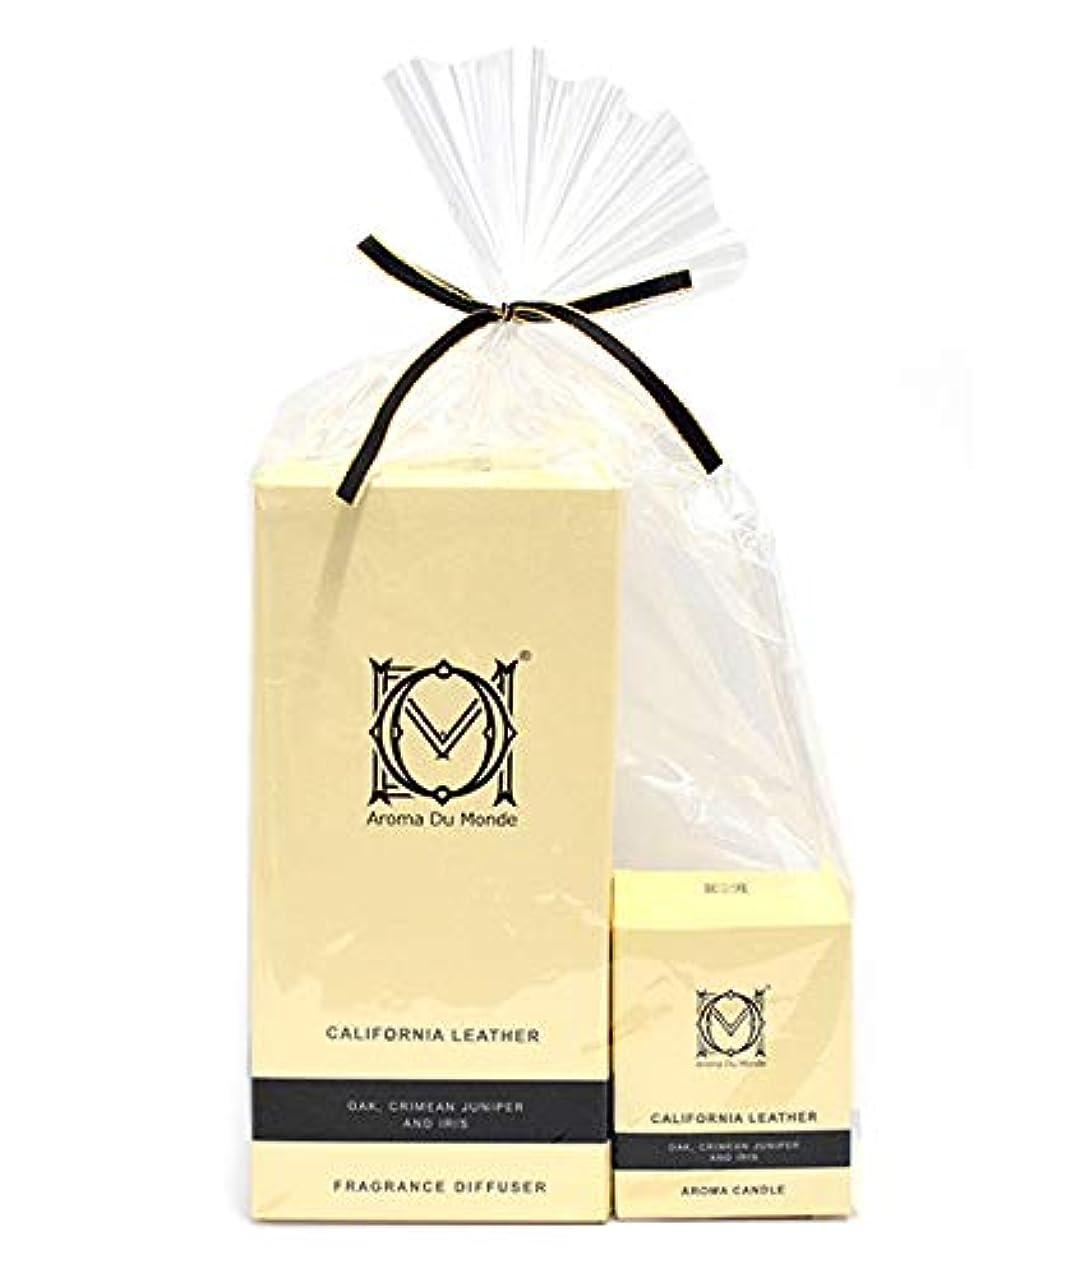 ずっと知らせる自分のためにフレグランスディフューザー&キャンドル カリフォルニアレザー セット Aroma Du Monde/ADM Fragrance Diffuser & Candle California Leather Set 81159